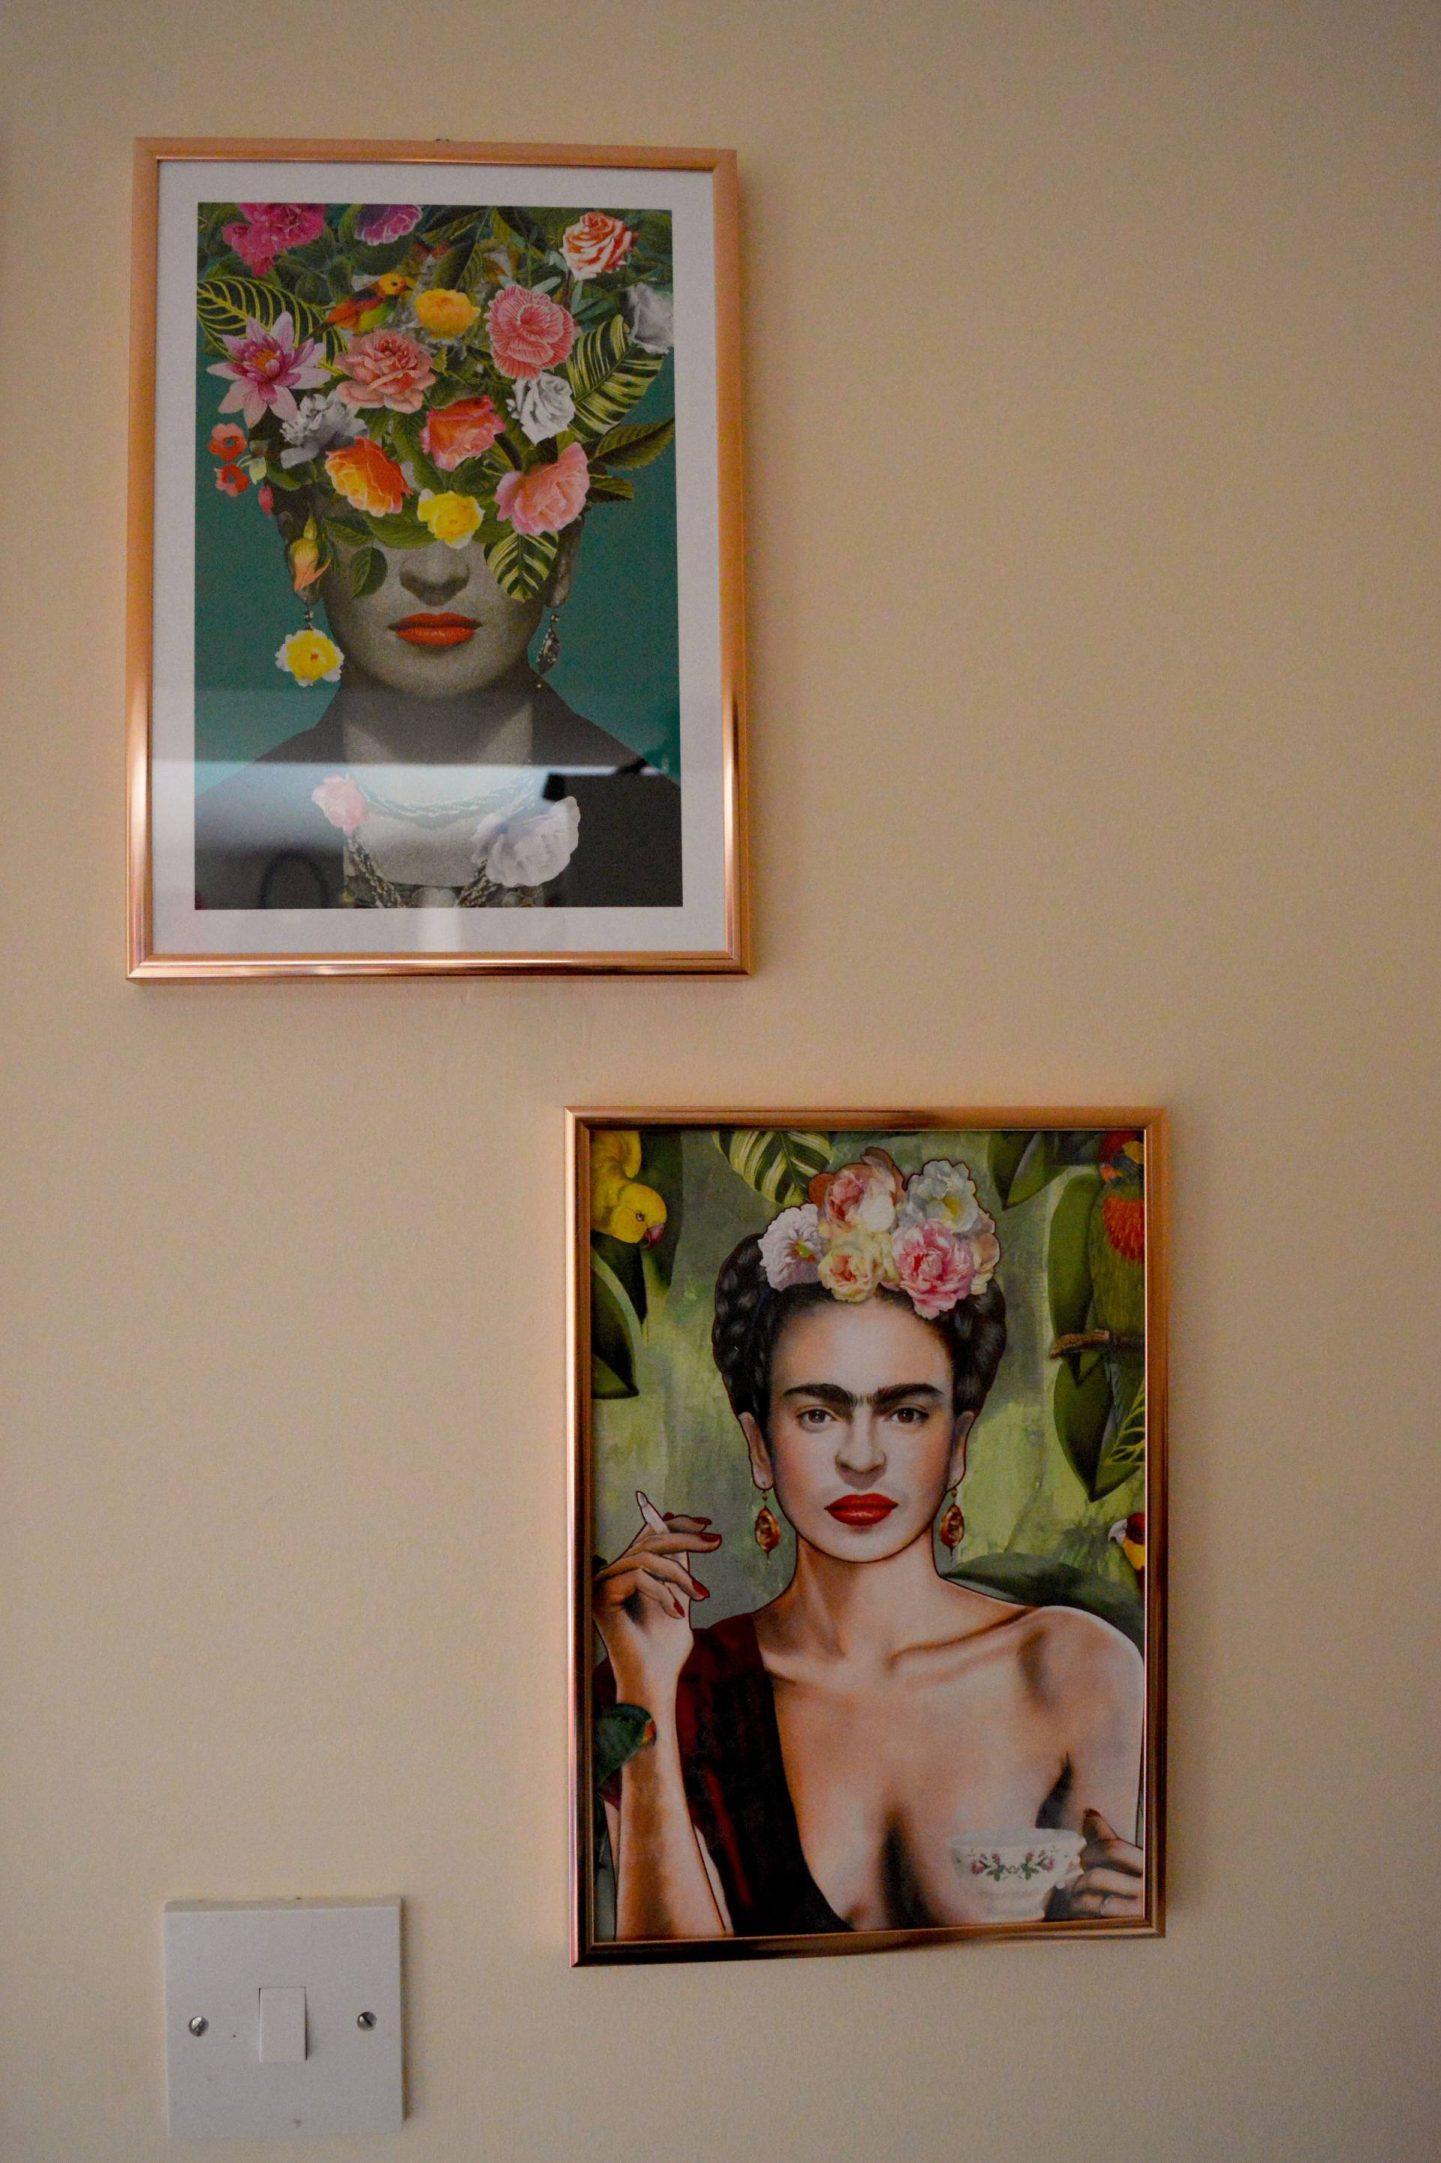 Poster Store Frida Kahlo prints in copper frames